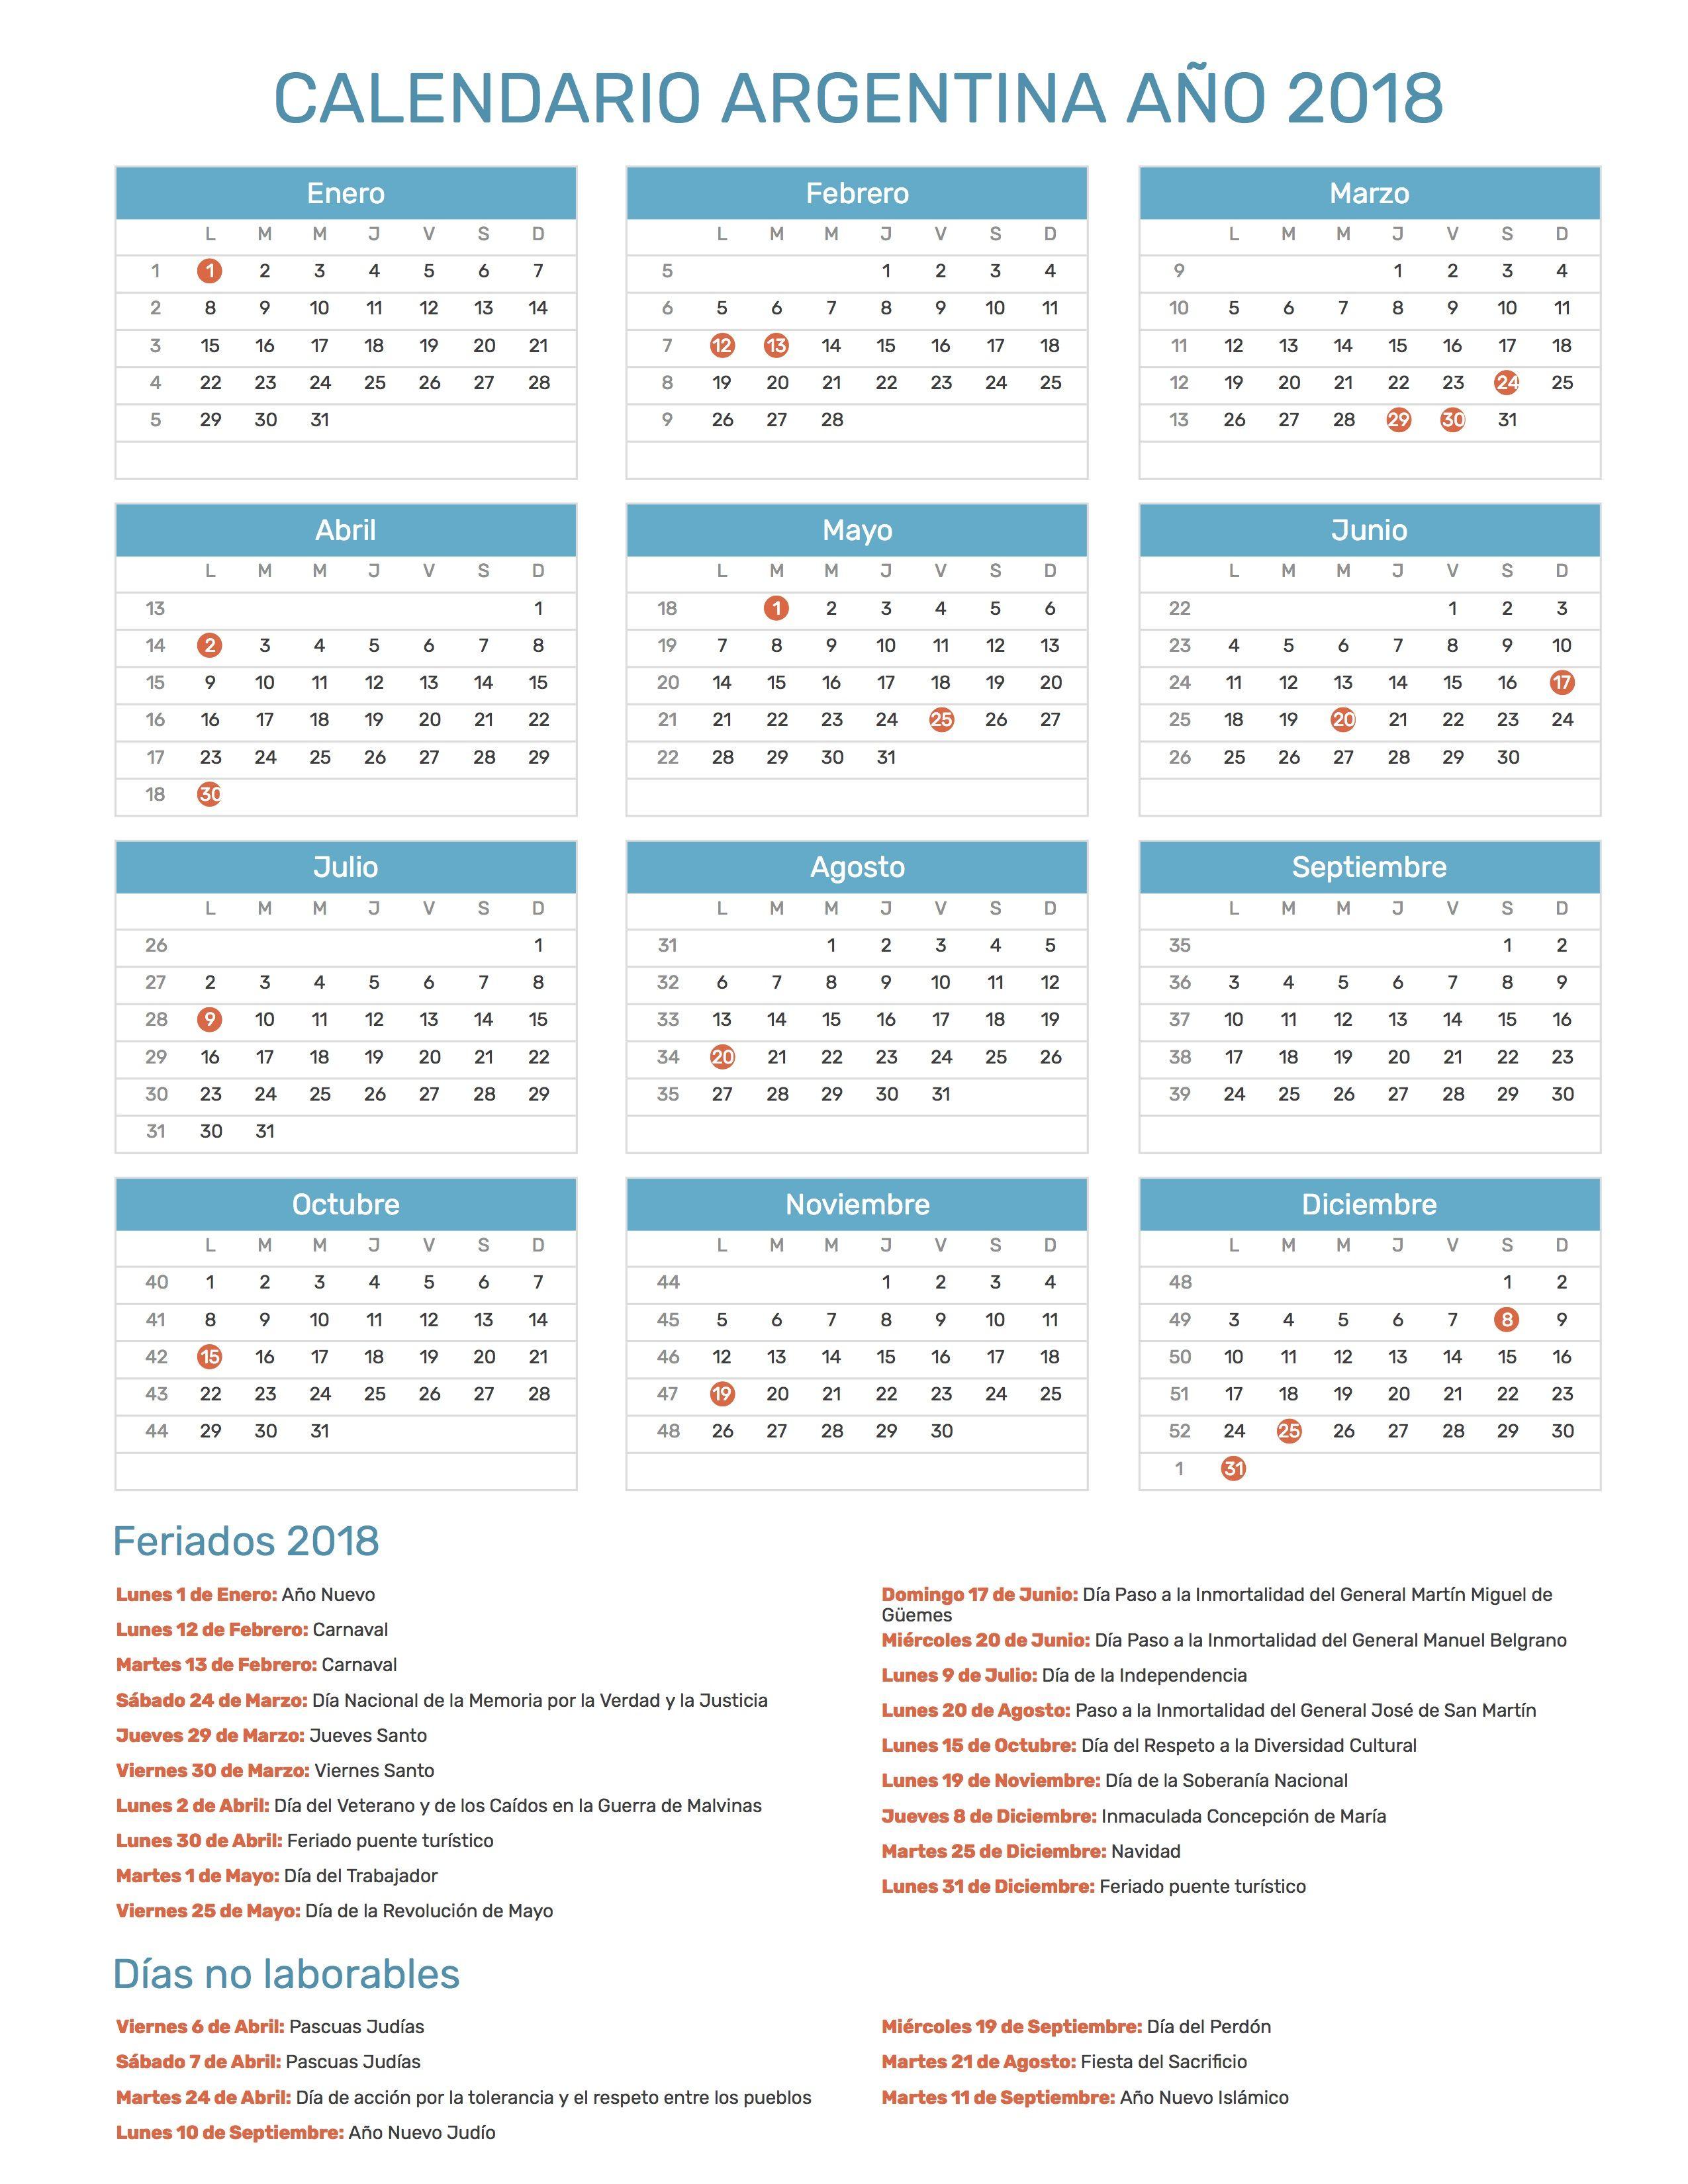 Calendario de Argentina con feriados nacionales año 2018. Incluye ...